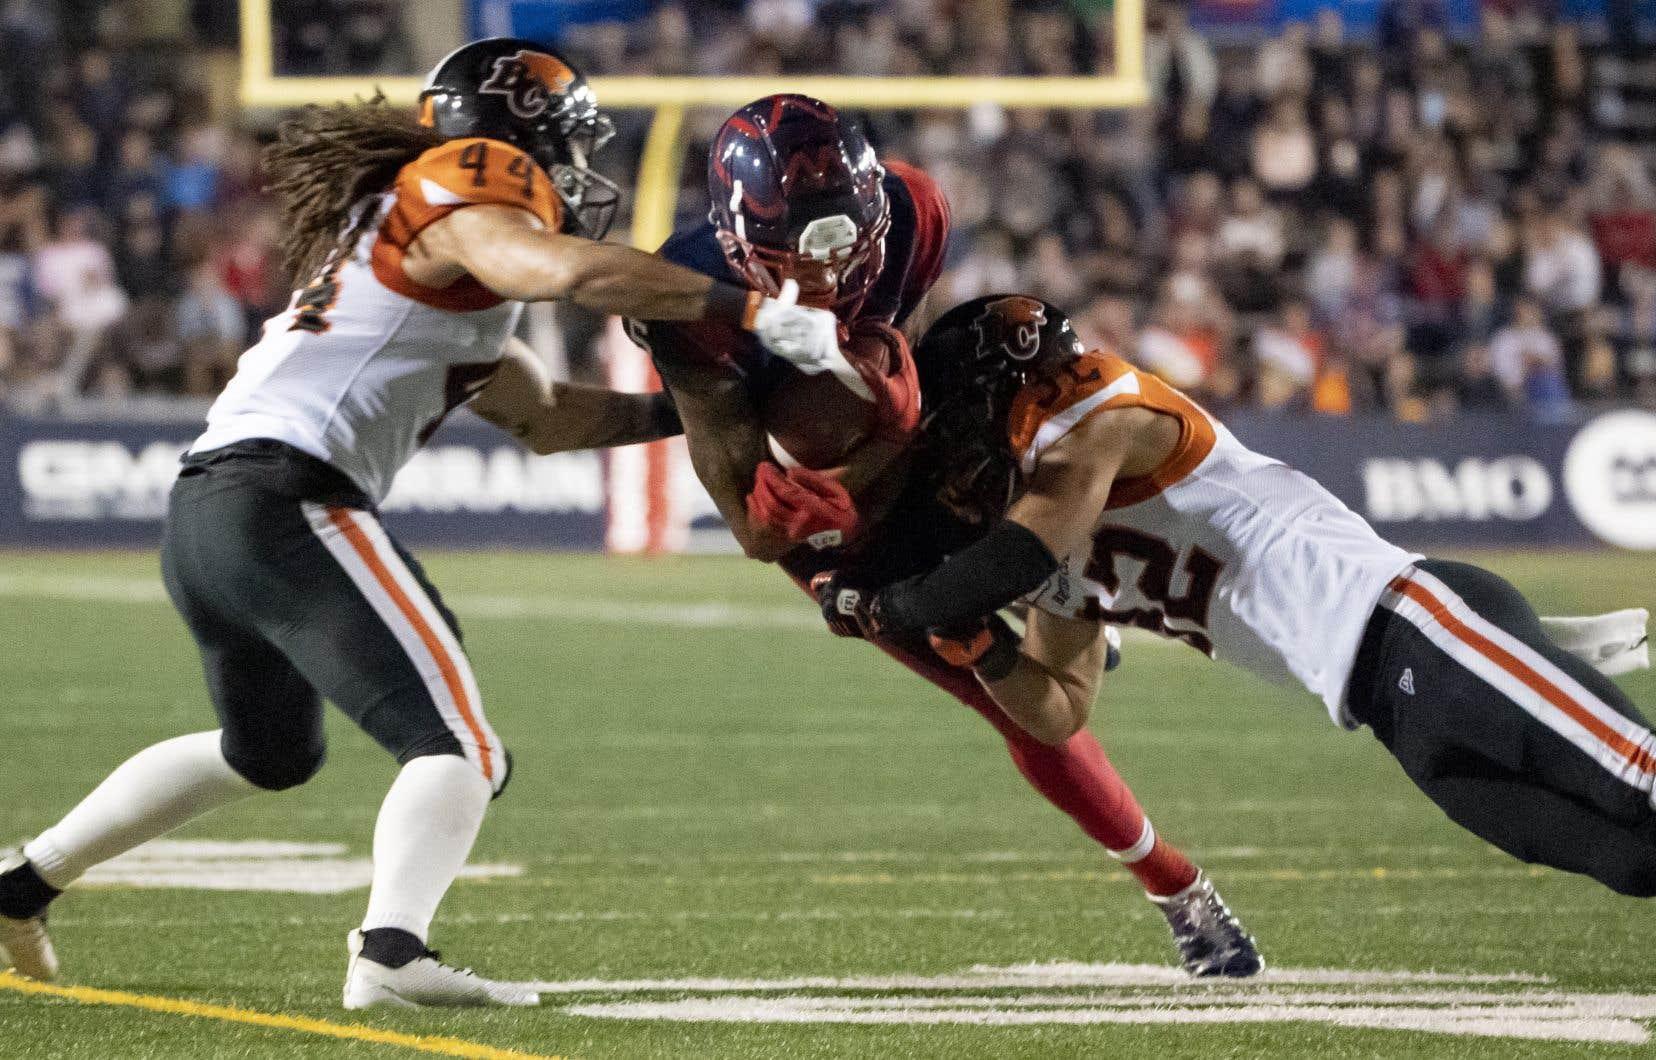 Les Alouettes de Montréal ont réussi à contenir les Lions de la Colombie-Britannique pour signer une victoire 21-16, leur troisième de suite.